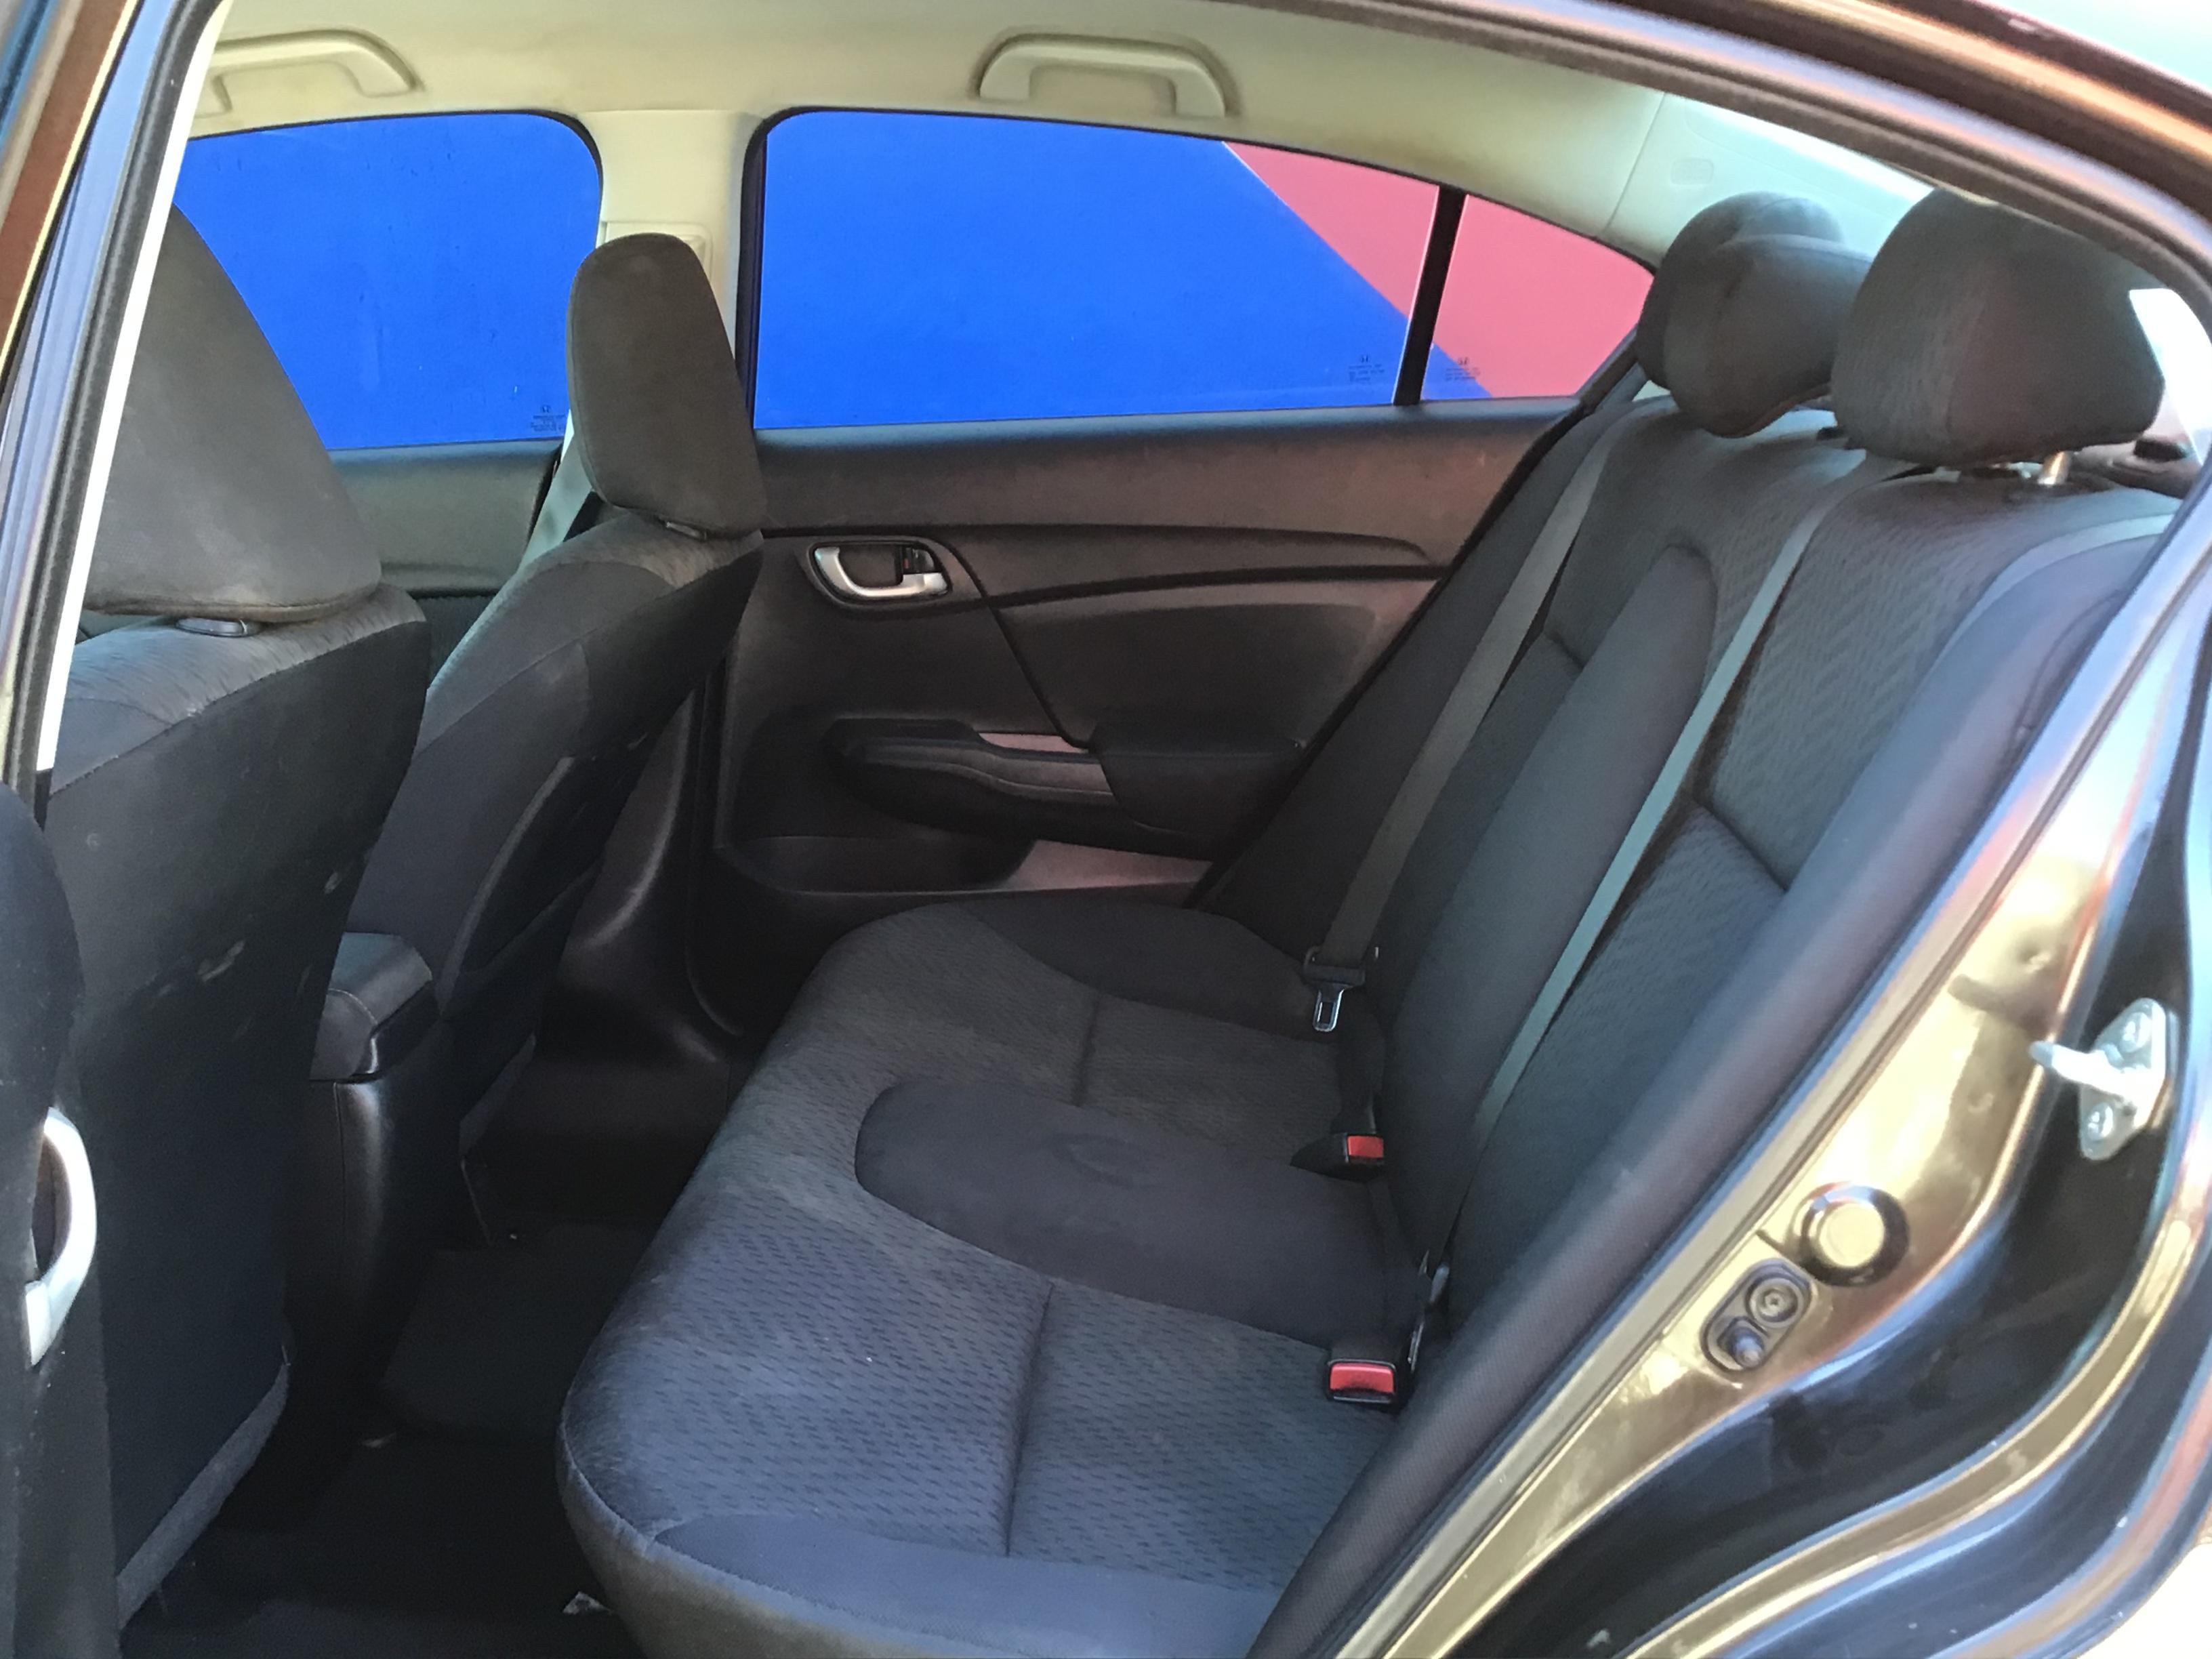 used vehicle - Sedan CVT HONDA CIVIC 2014